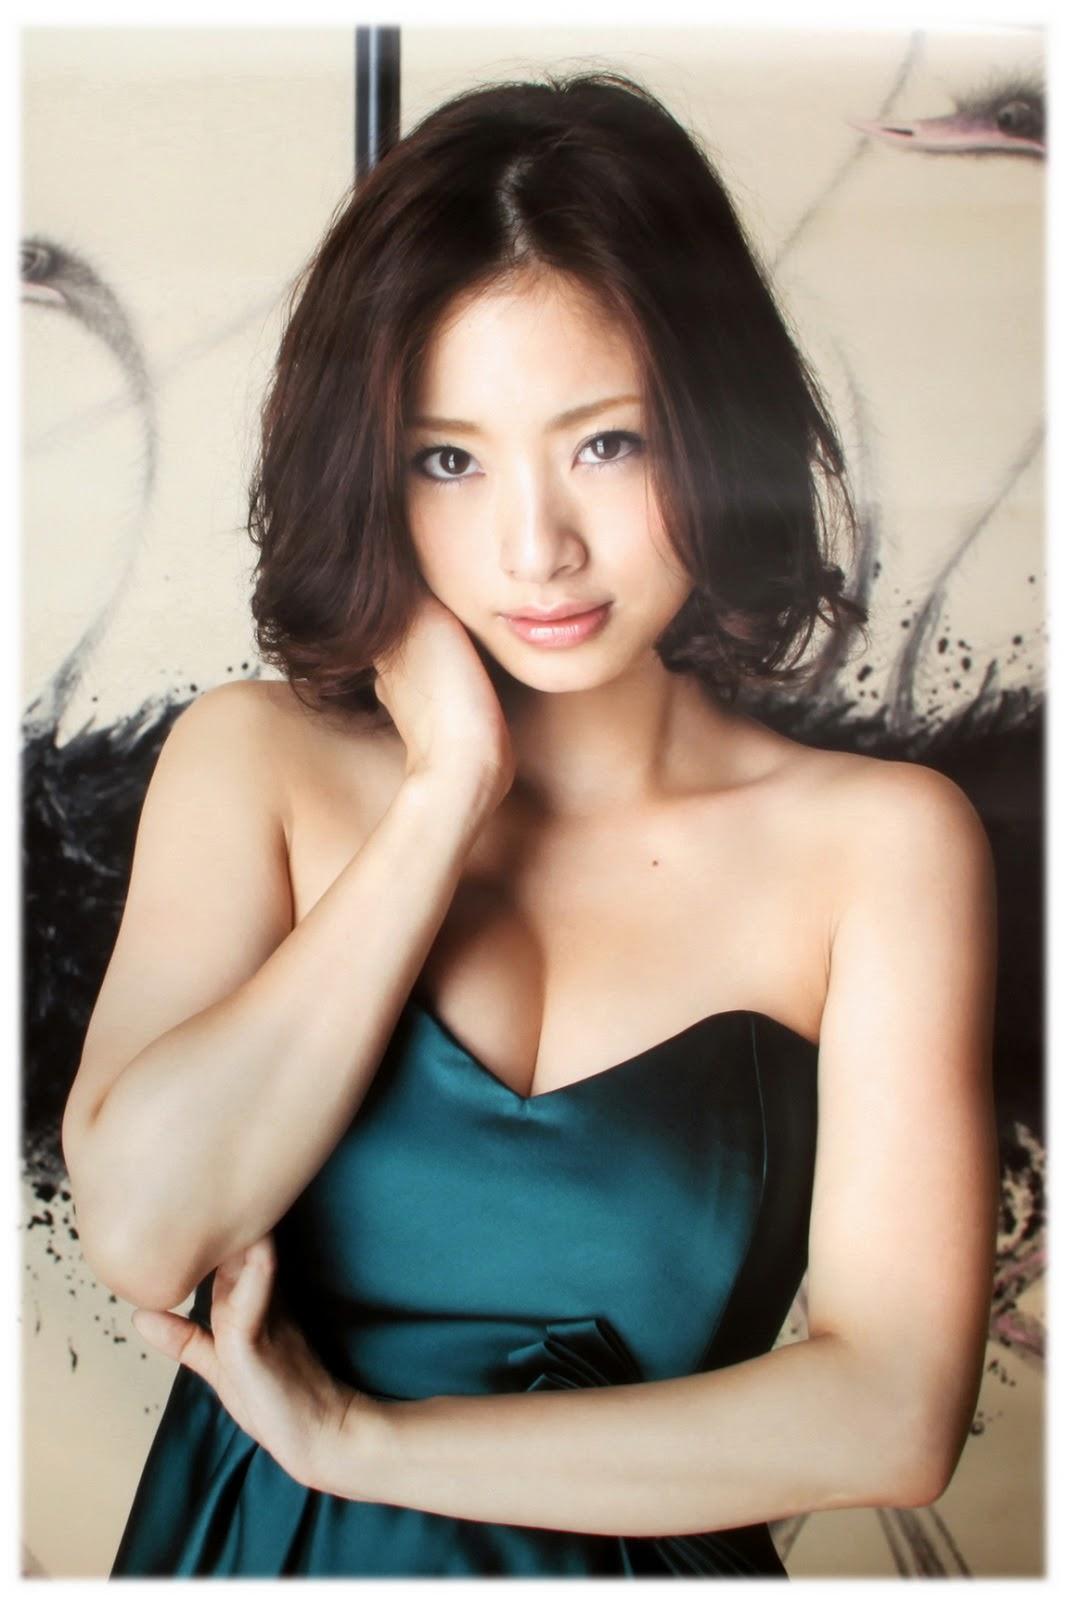 【画像あり】上戸彩とかいうデビュー当時から現在まで即ハボな奇跡の女WWW